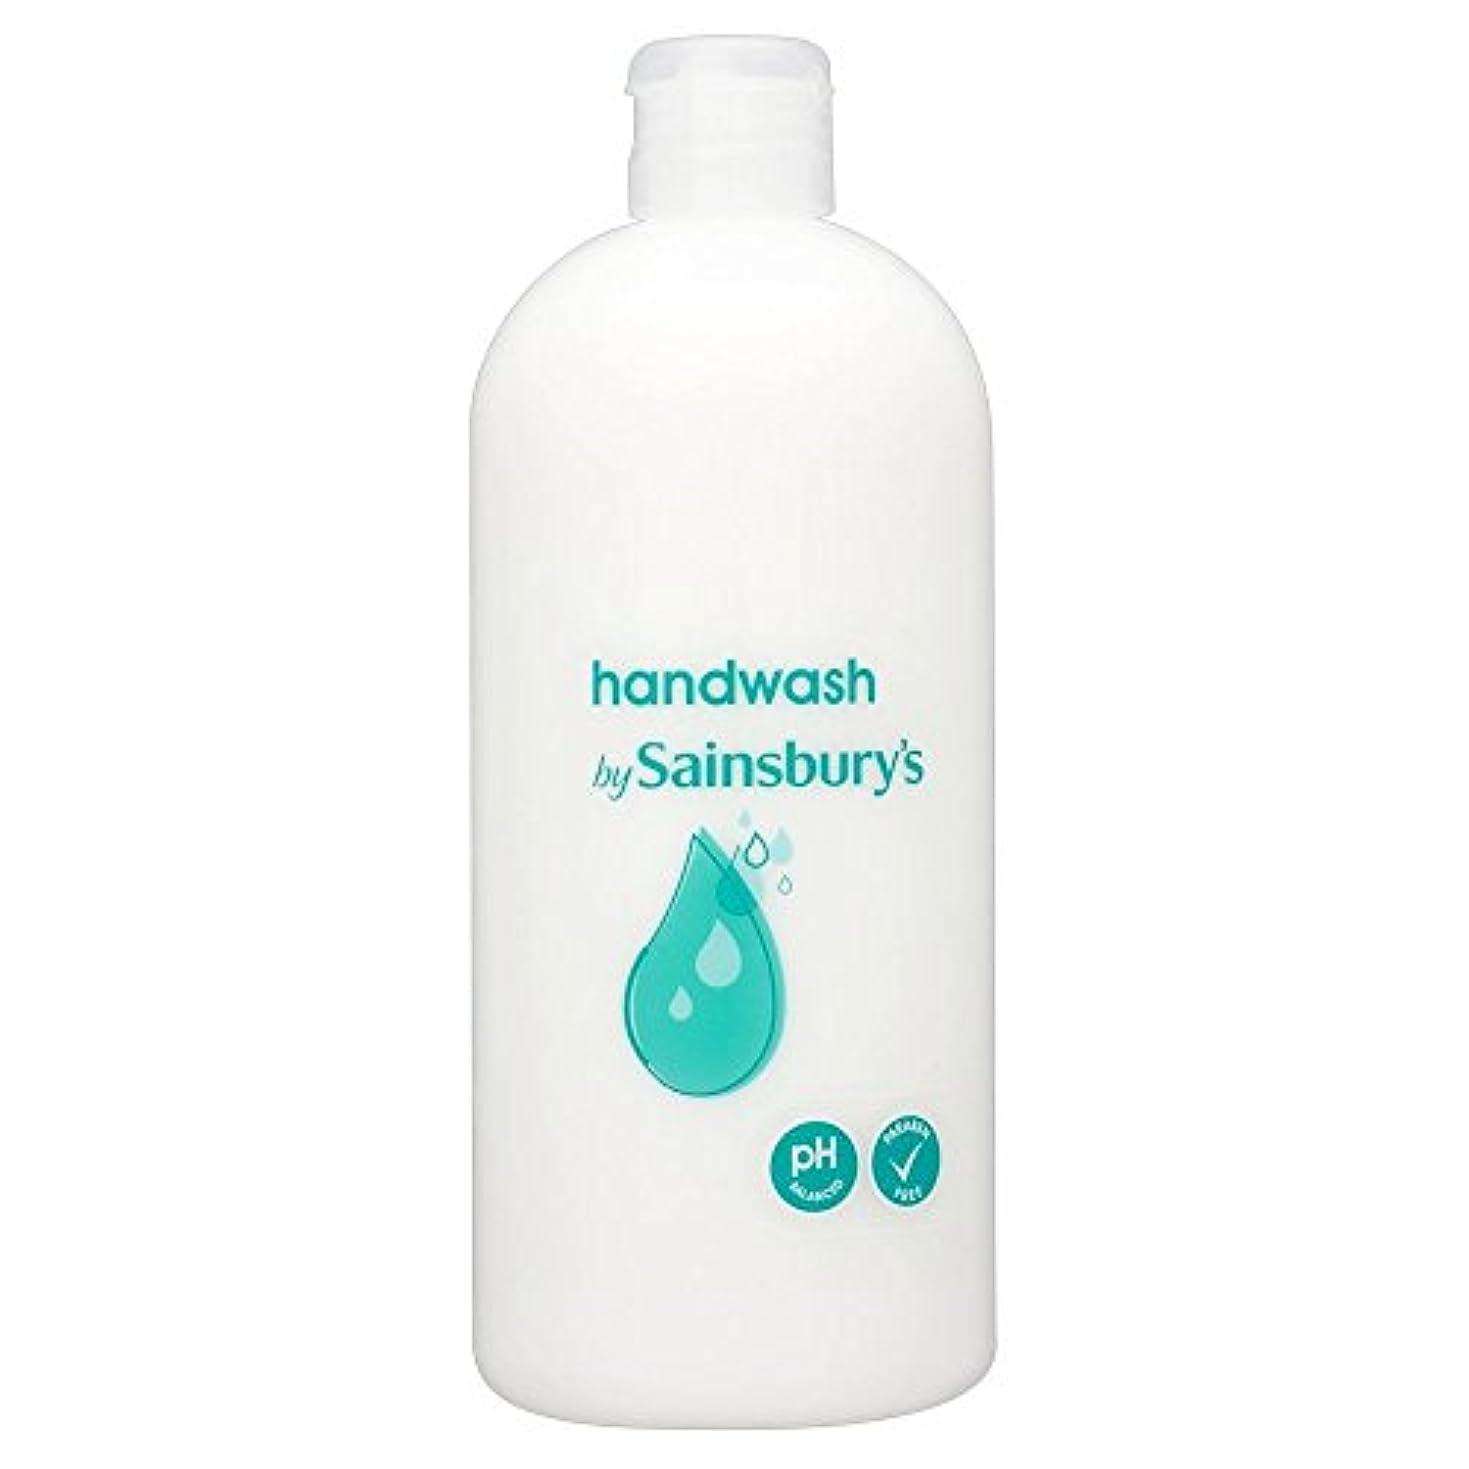 意識的ブラザー穏やかなSainsbury's Handwash, White Refill 500ml (Pack of 2) - (Sainsbury's) 手洗い、白リフィル500ミリリットル (x2) [並行輸入品]